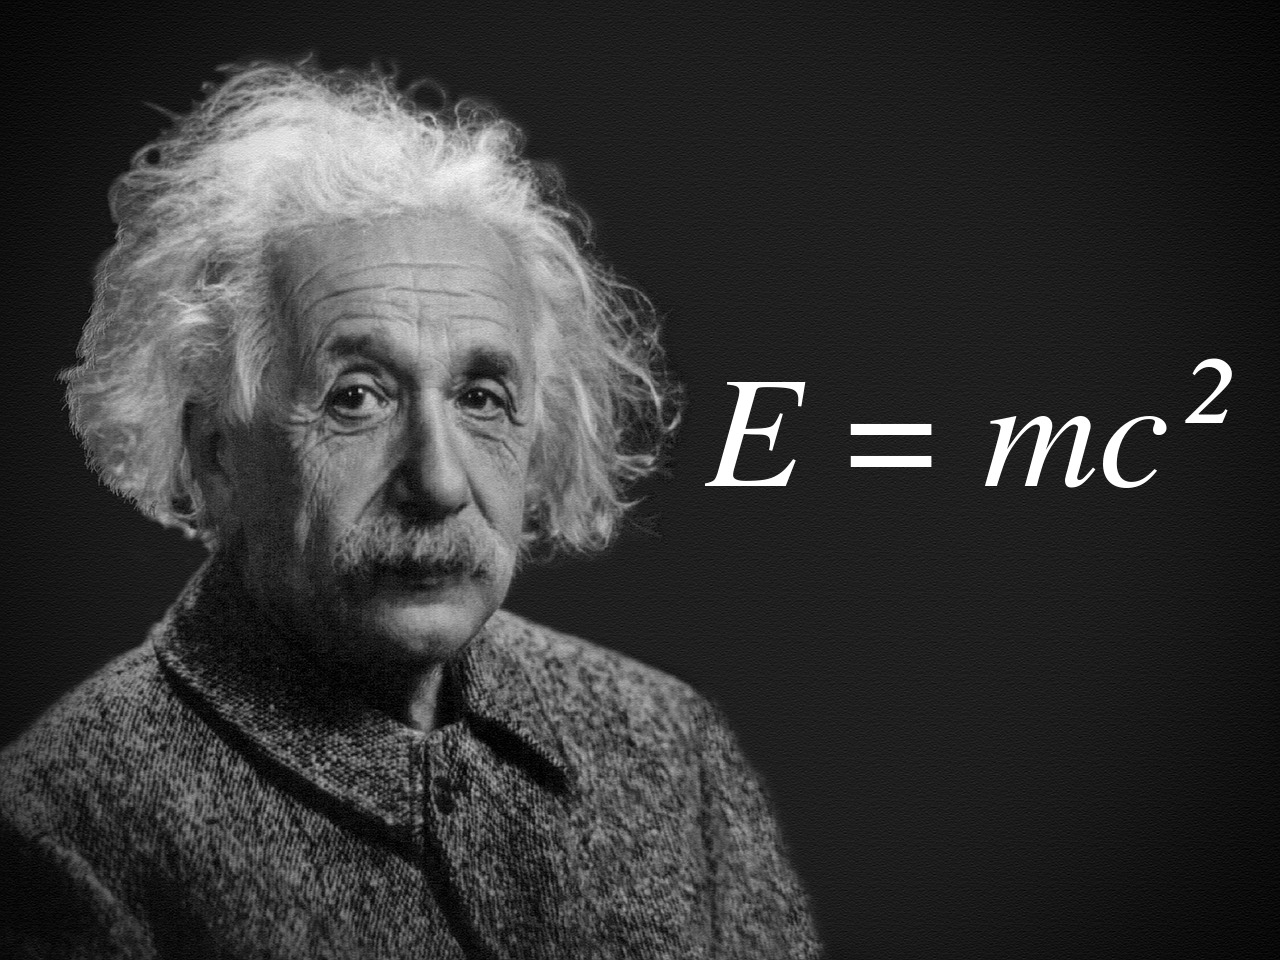 E = mc² Quiz - Bedeutung der weltberühmten Formel Einsteins